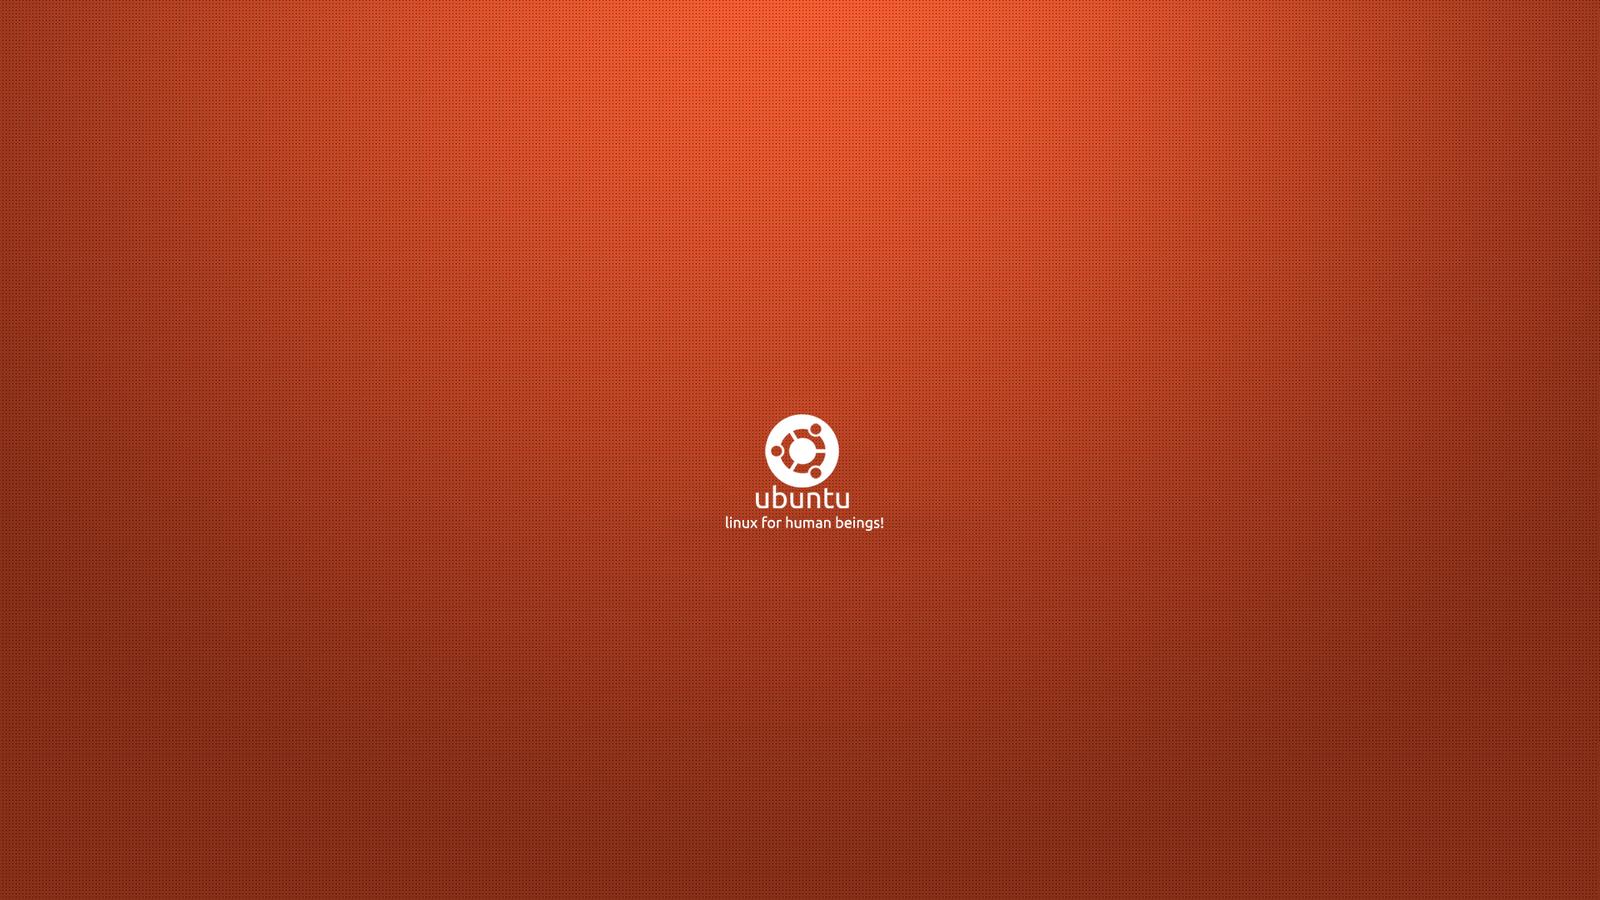 Tz1 4CMdV3IAAAAAAAAEy4deia 8FzA3Is1600Ubuntu Wallpaper 01png 1600x900